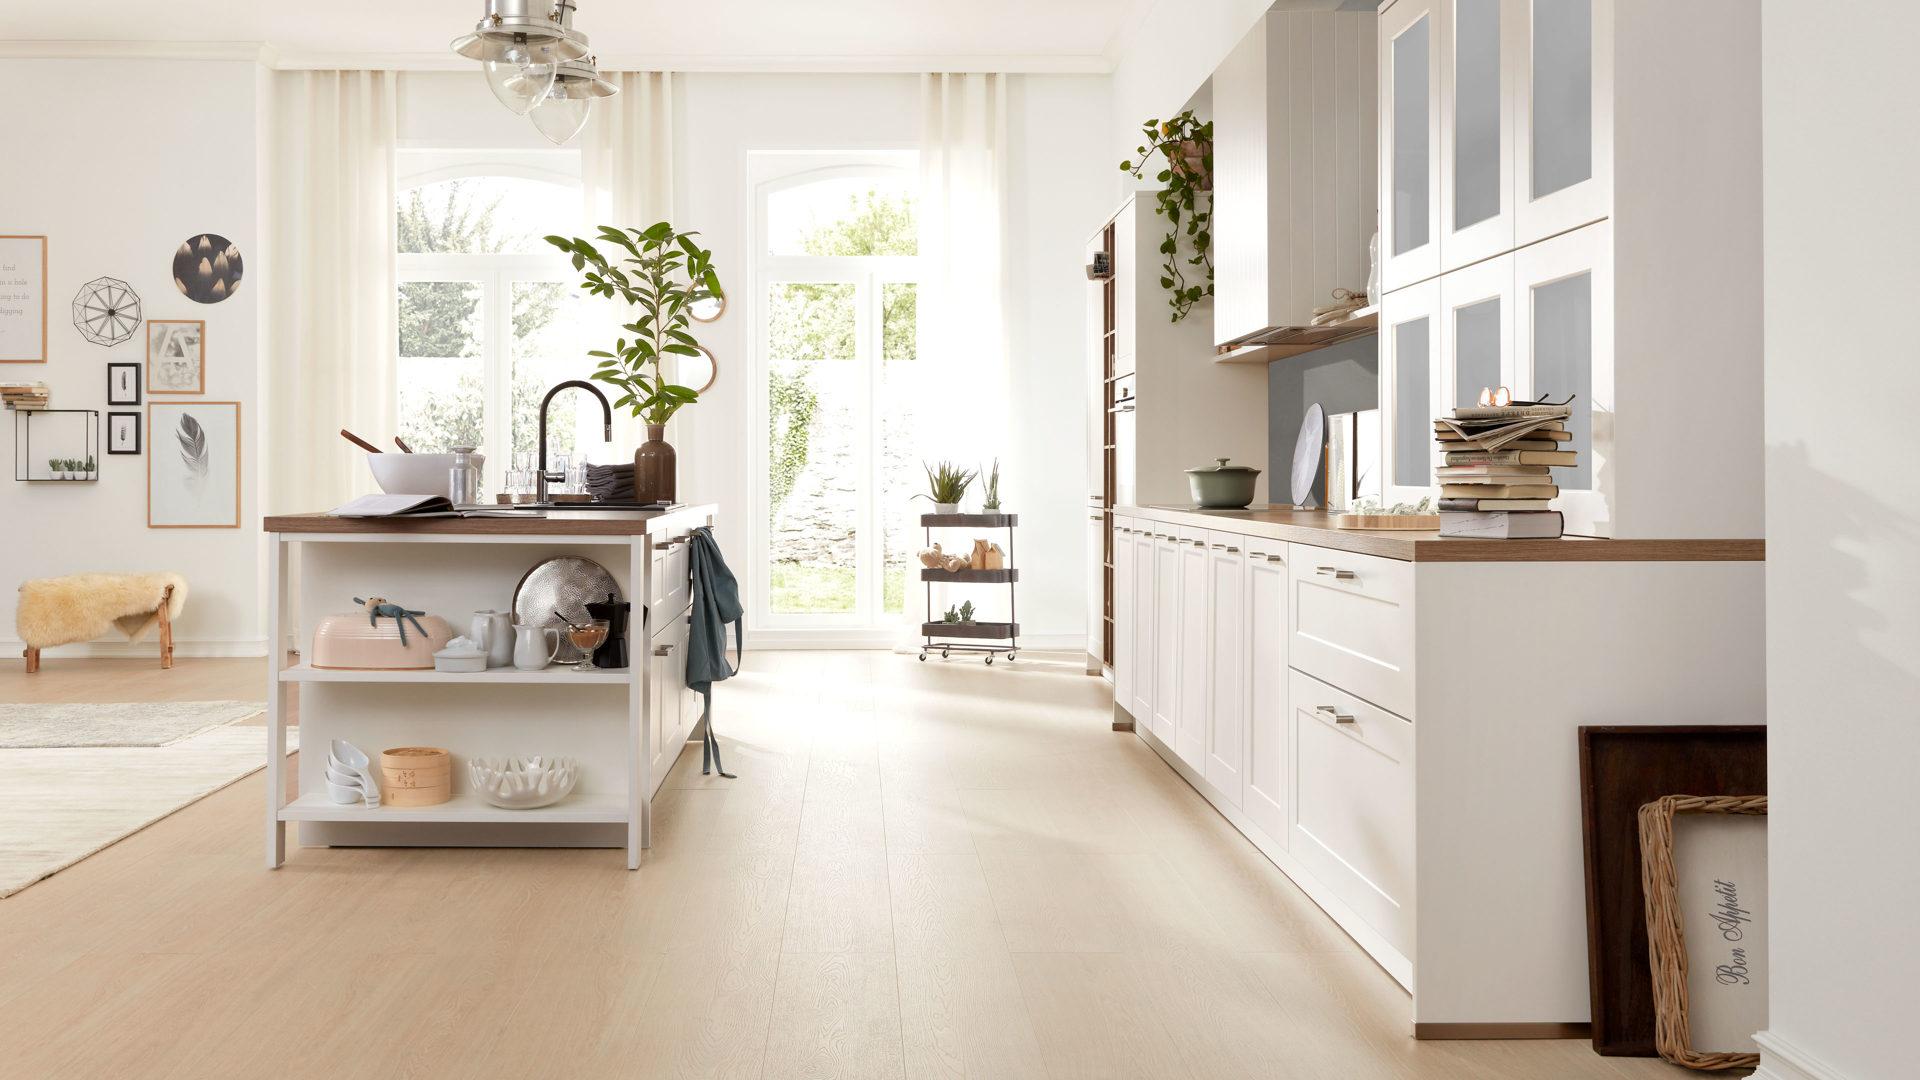 Interliving Küche Serie 3002 mit SIEMENS Einbaugeräten